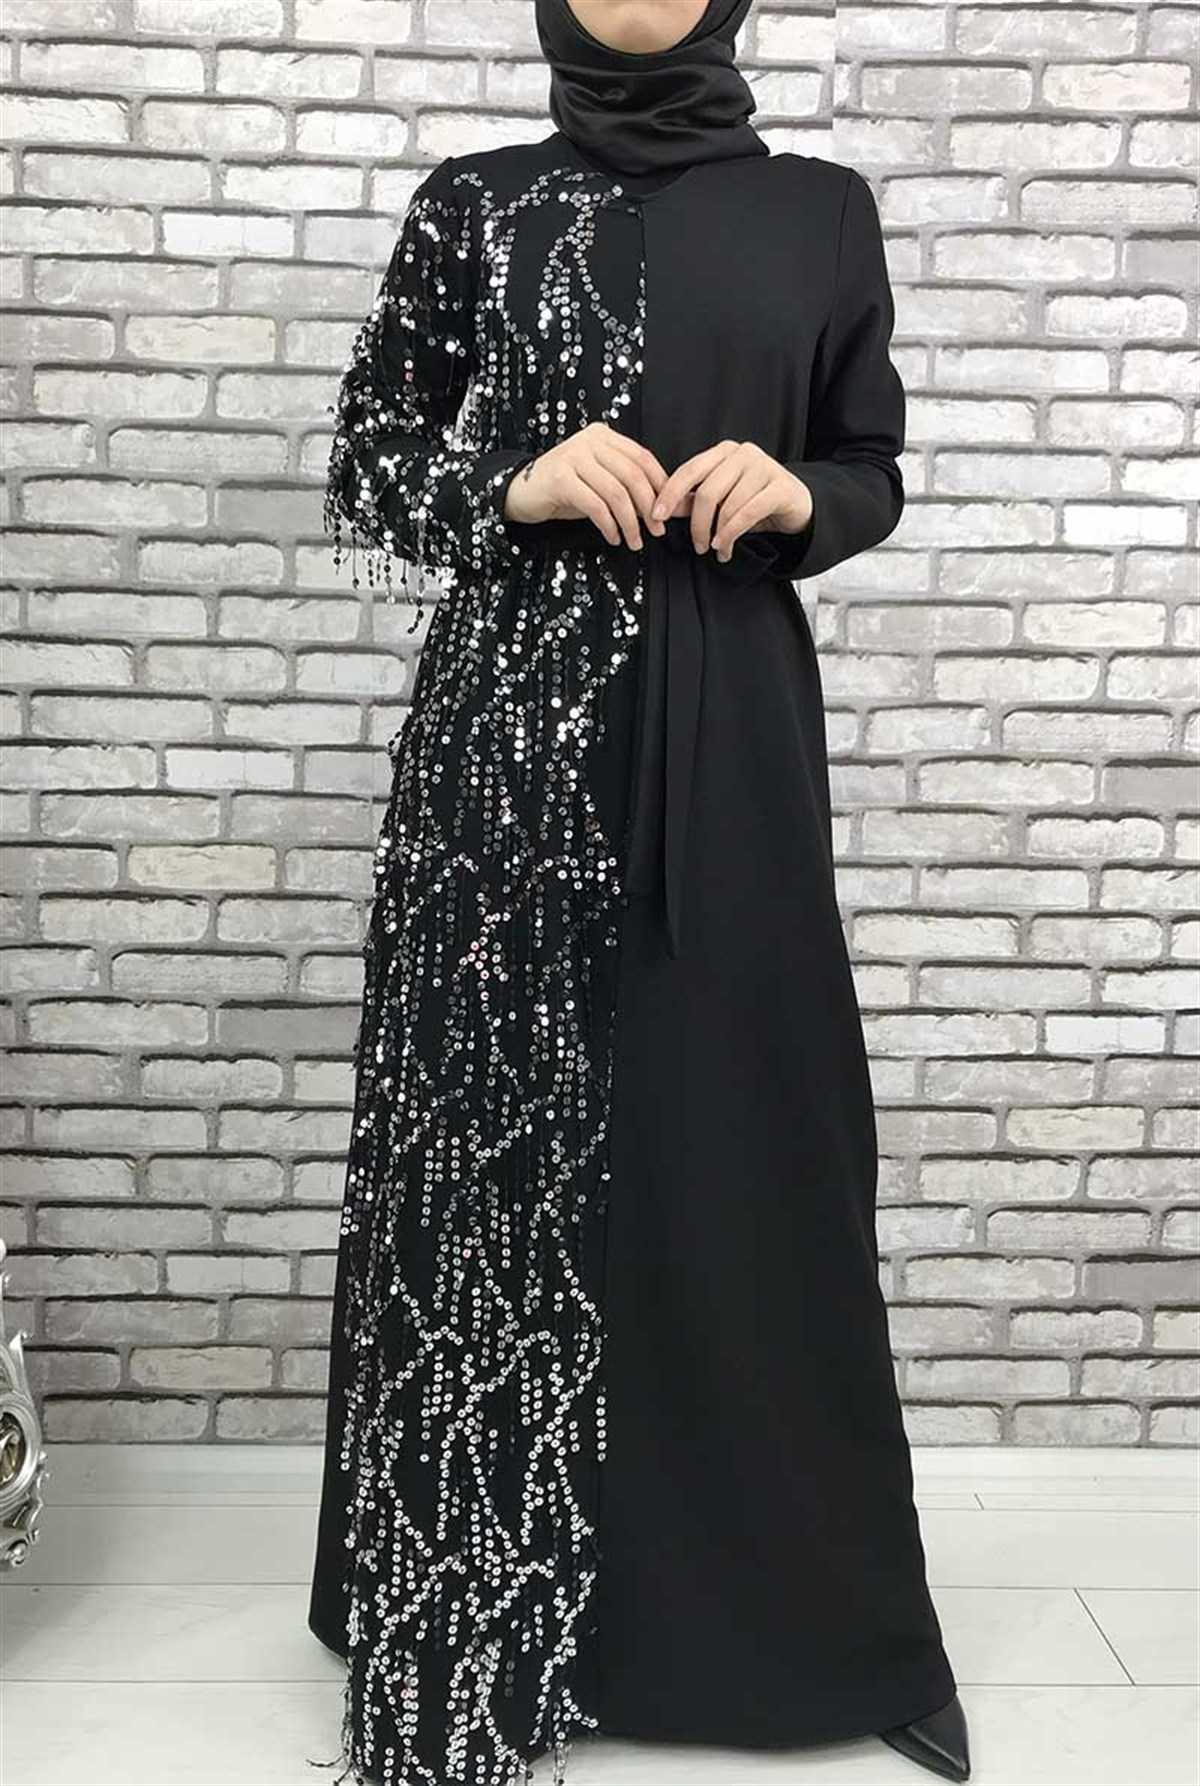 Gizemsmoda Pullu Tesettür Abiye Elbise Modelleri